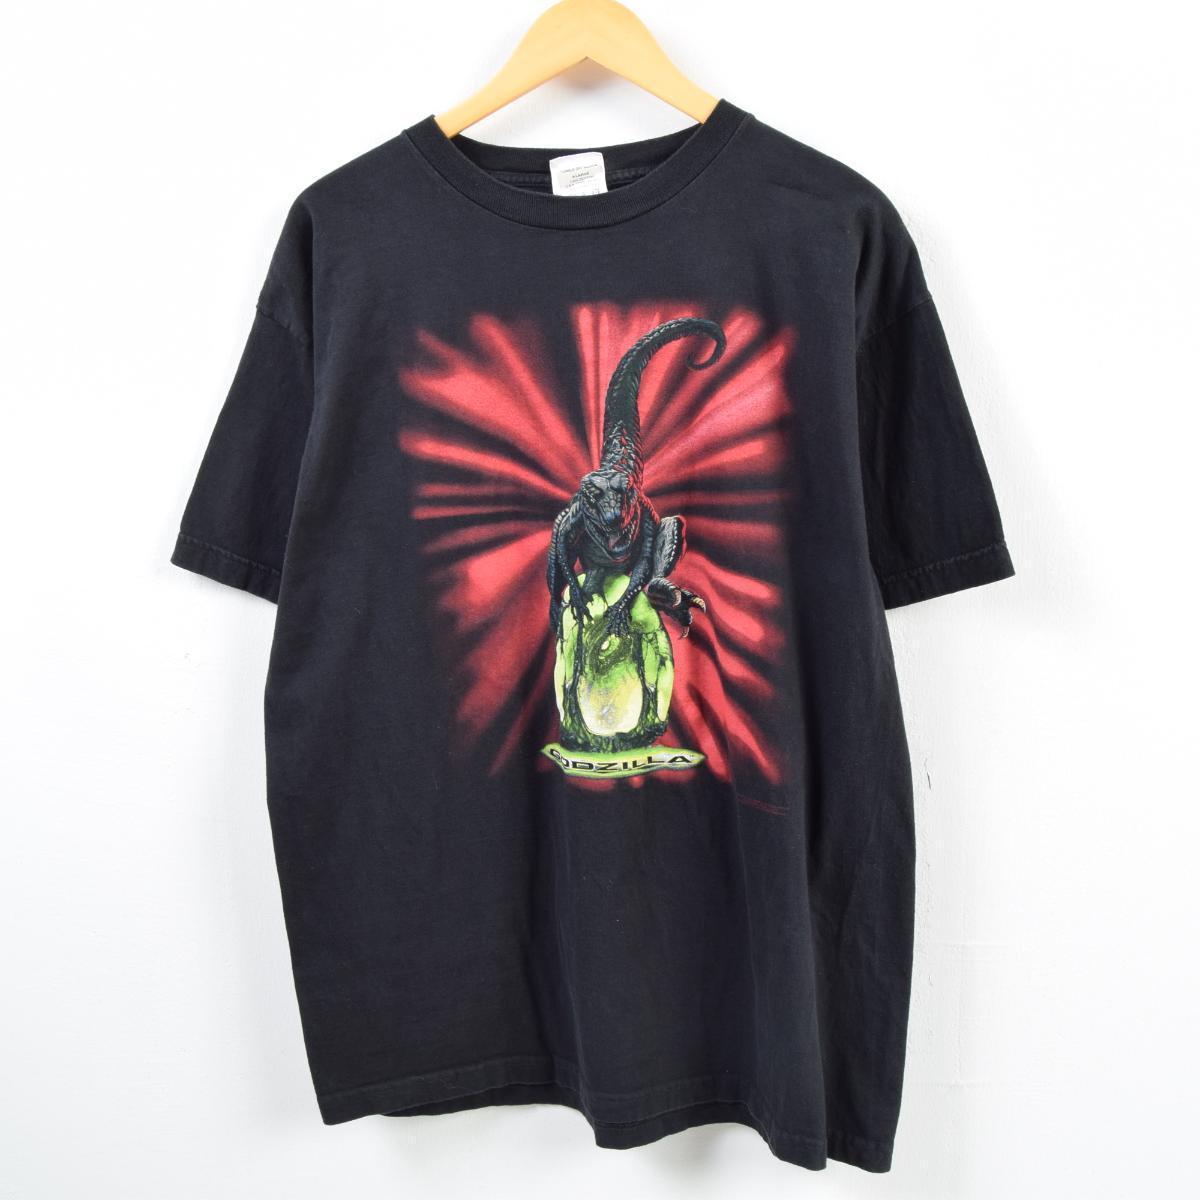 1998年製 CRONIES GODZILLA ゴジラ 映画 ムービーTシャツ メンズL /wbb2710 【中古】 【190129】